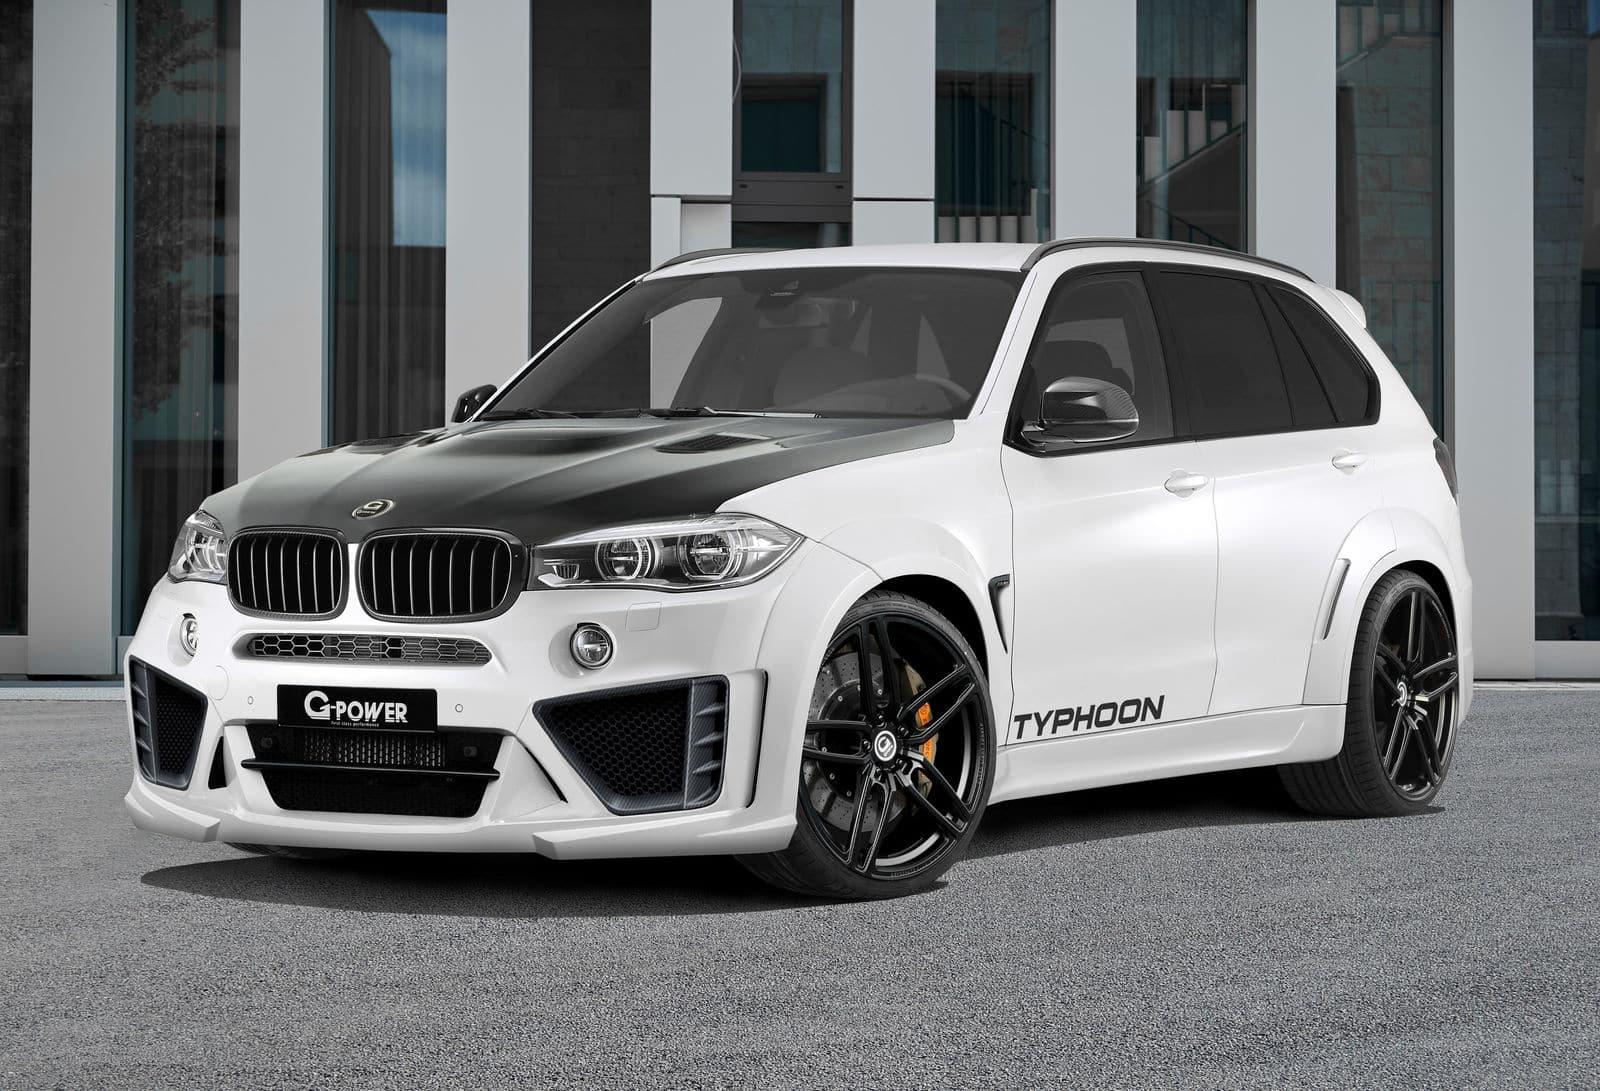 G-Power BMW X5 M Typhoon: ¡El SUV definitivo con 760 CV y un aspecto monstruoso!